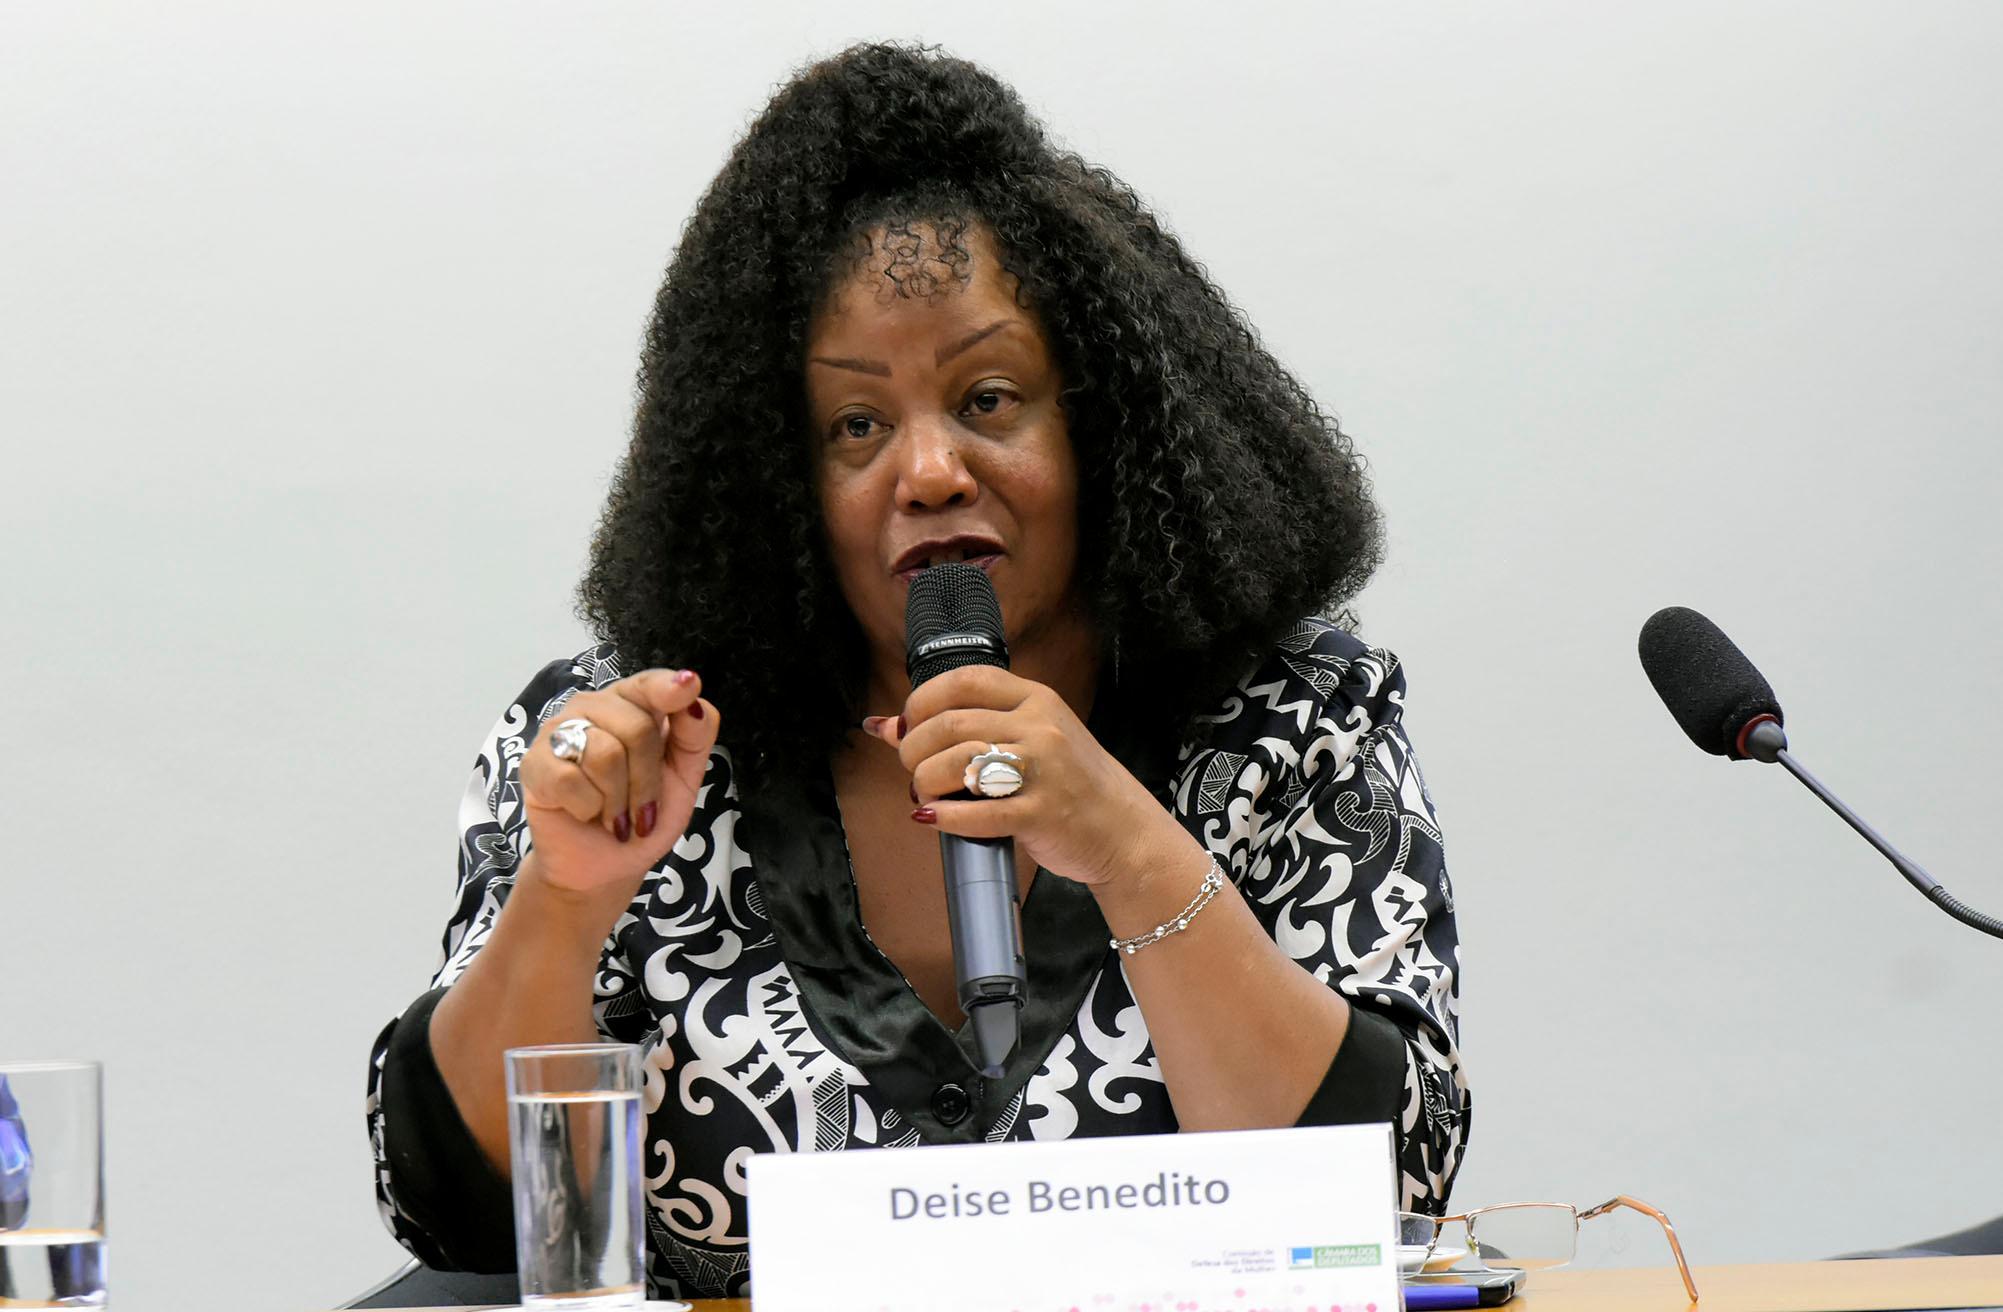 Tribuna das mulheres - Mulheres negras e prisões: Do ferro ao aço!